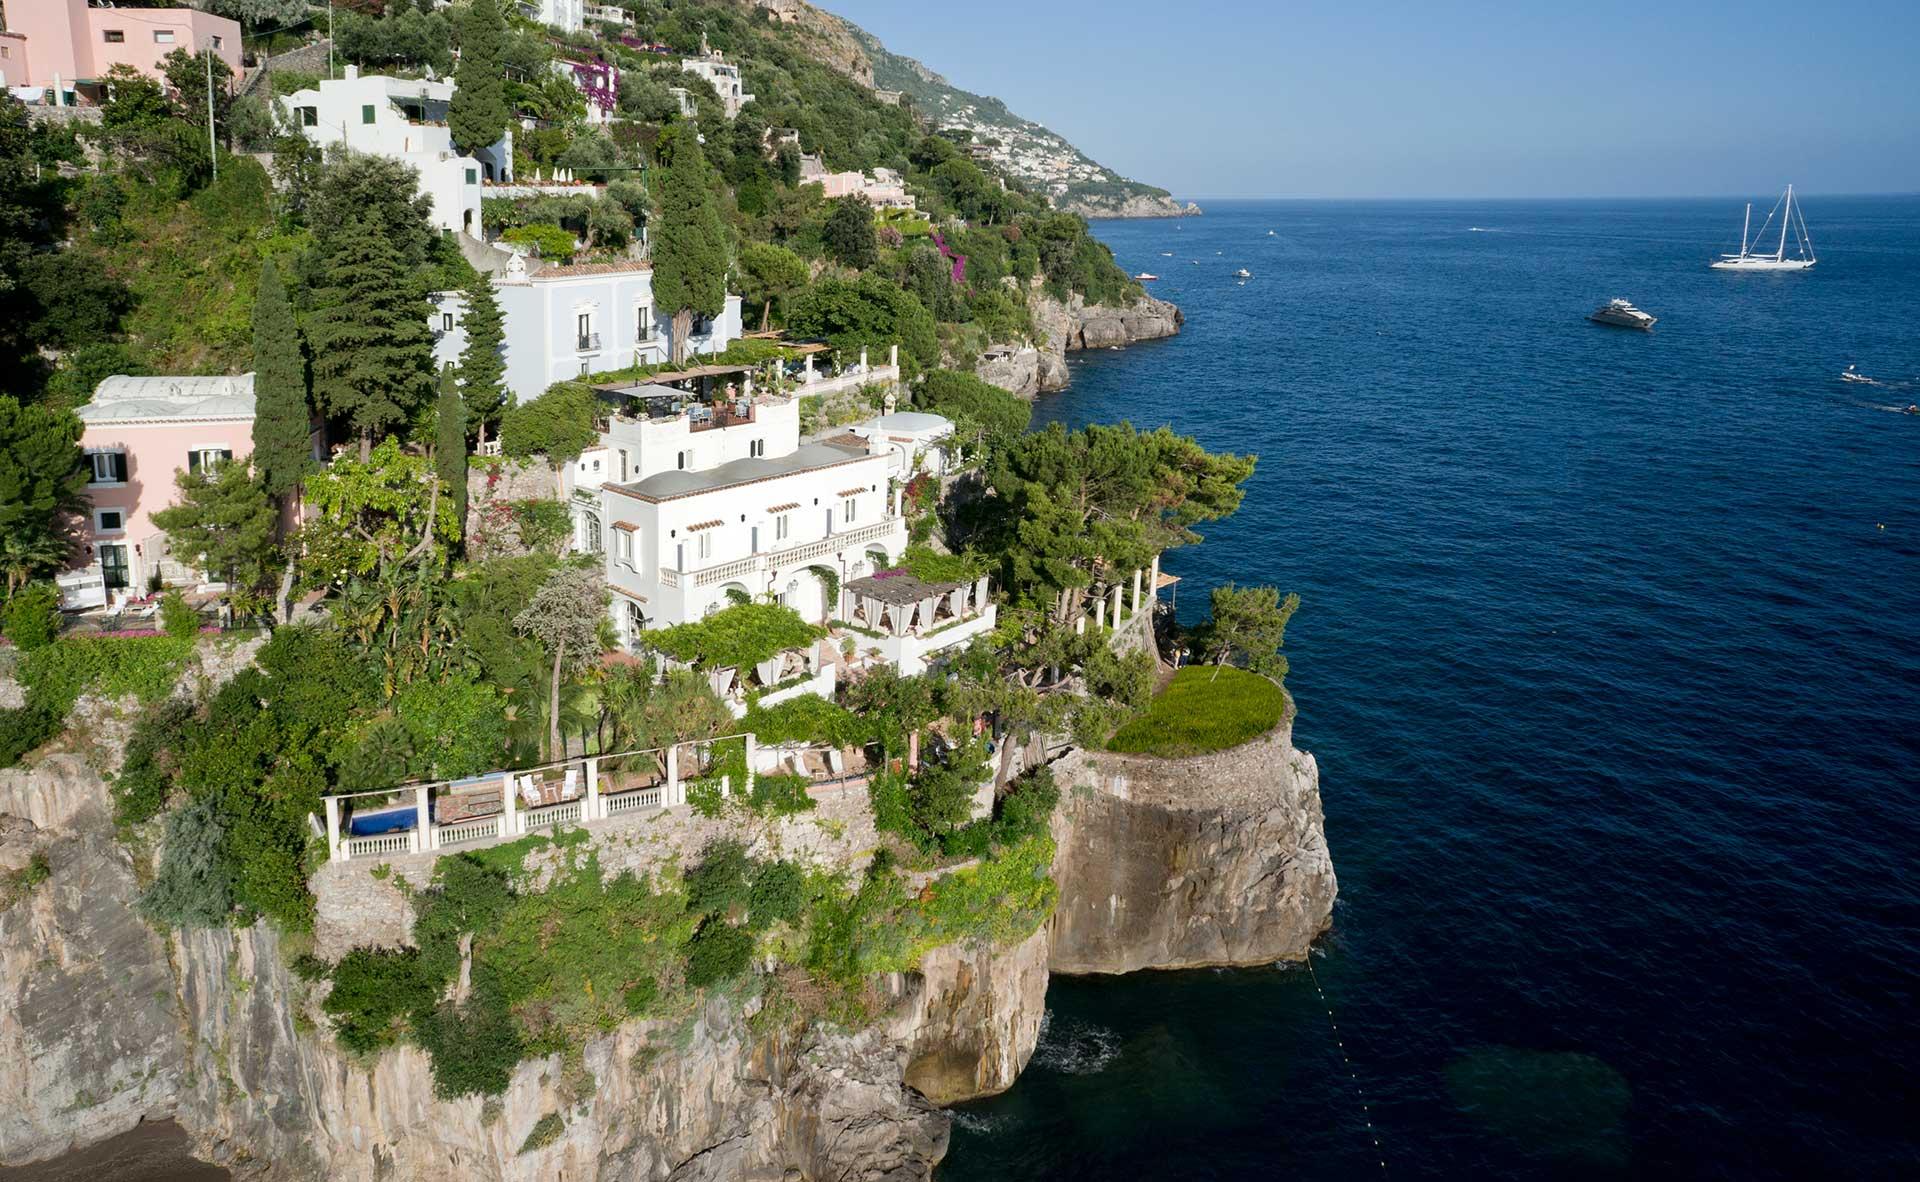 Le migliori location per matrimoni, le foto